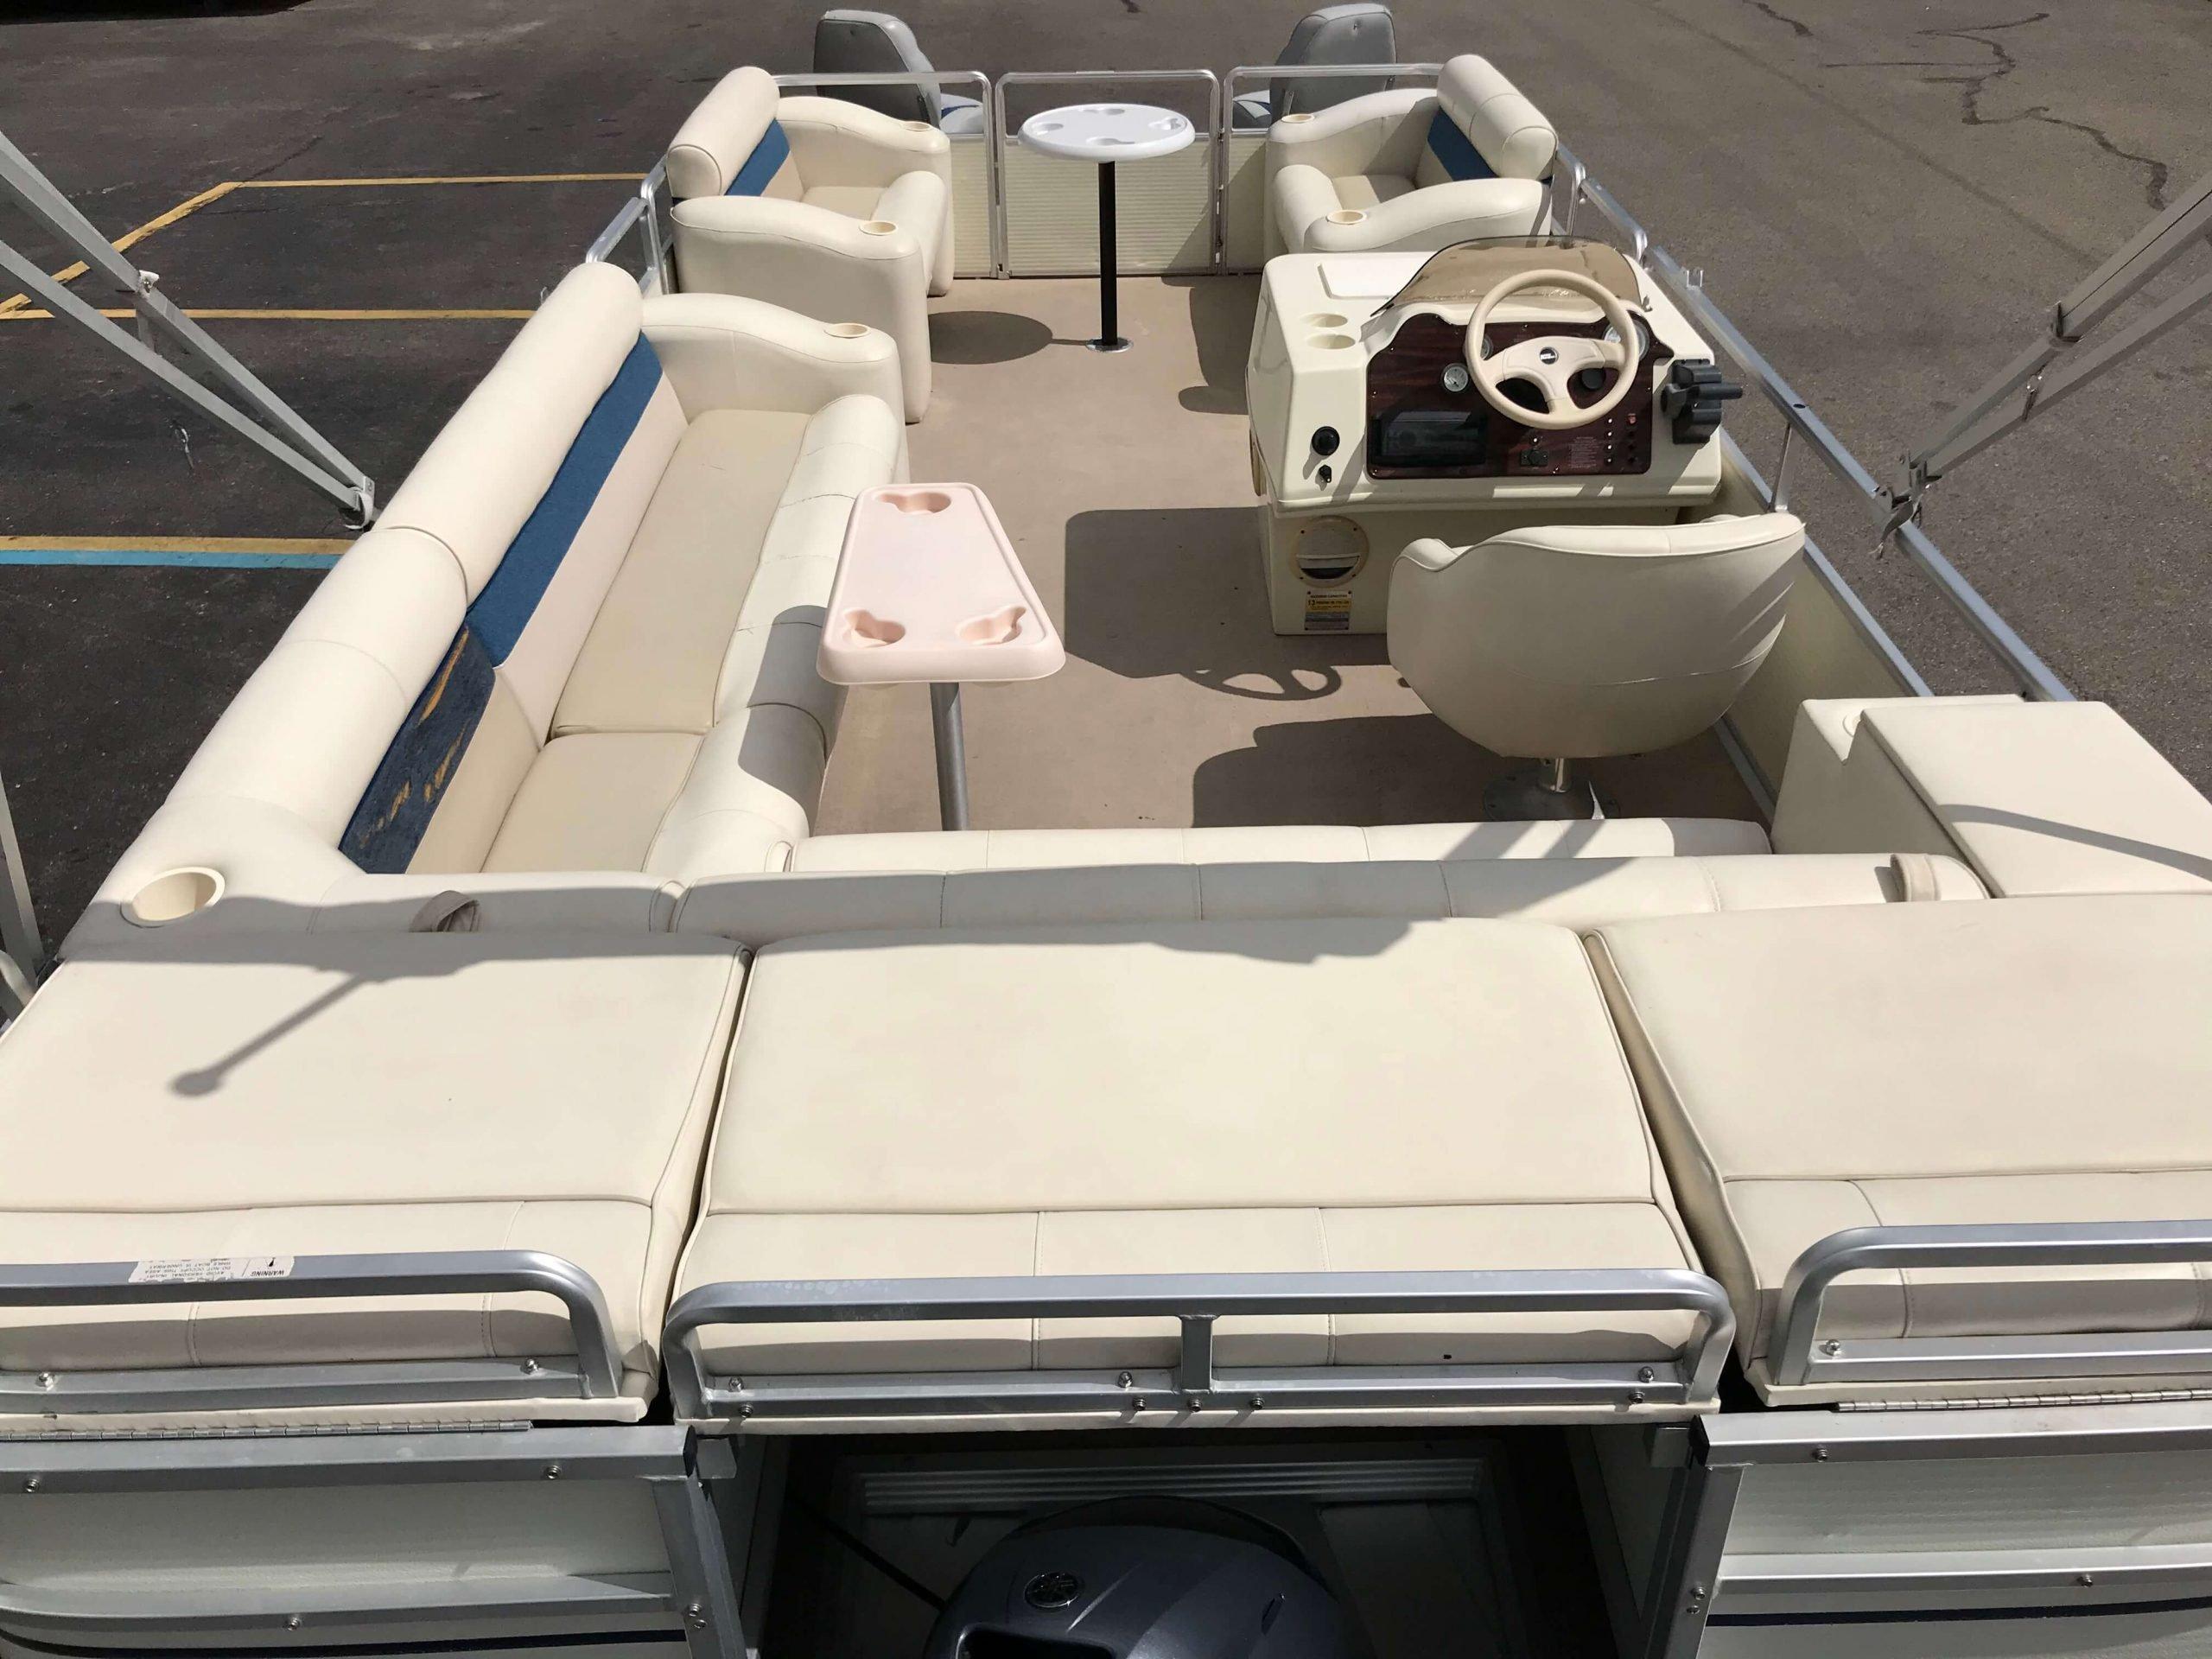 1998 Harris Kayot Skipper XL Pontoon Boat 4